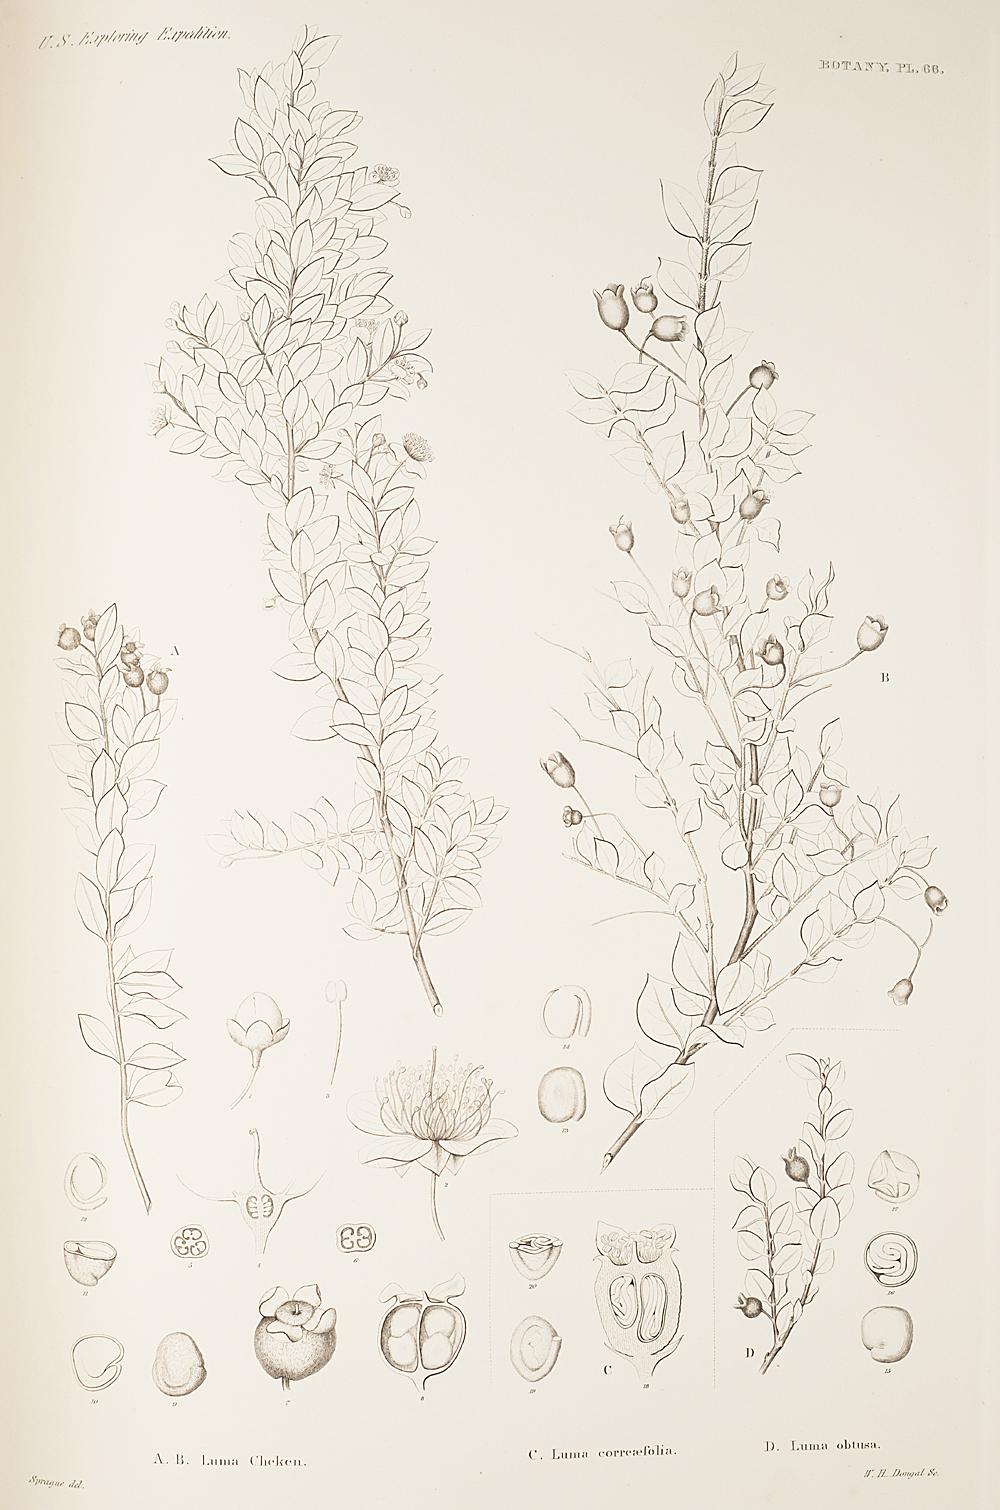 Botany, Pl. 66,  Image number:sil19-23-143b